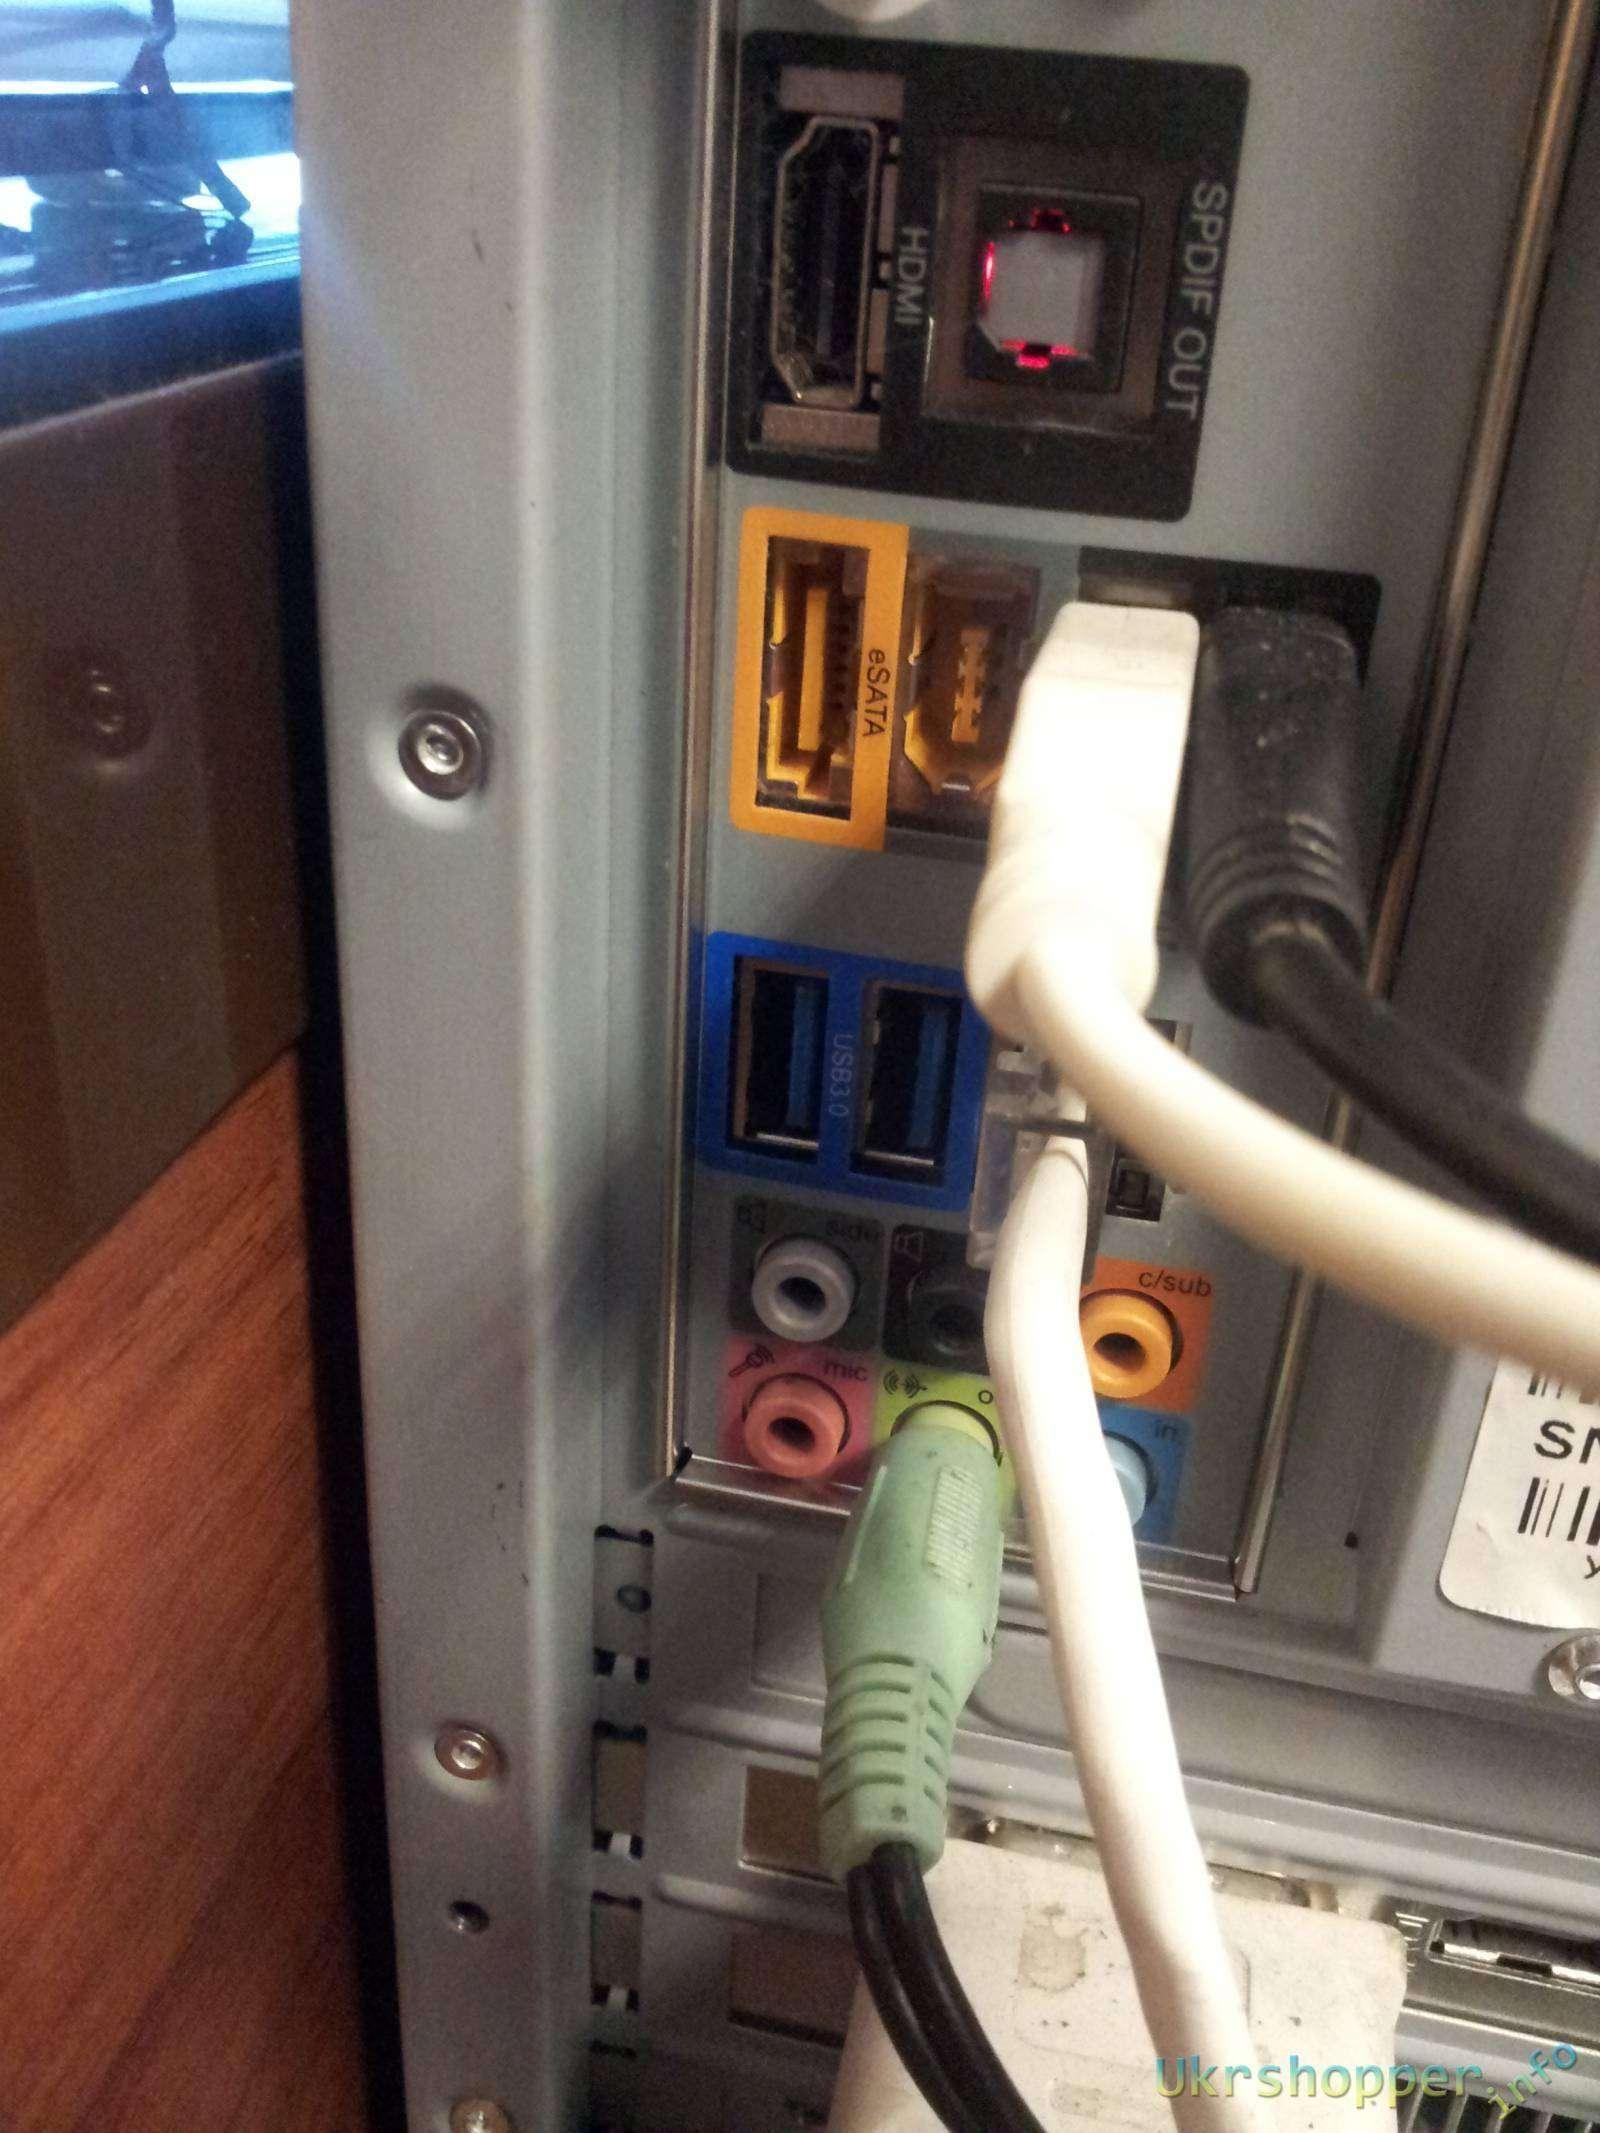 Aliexpress: Обзор внешнего кейса для 2.5' SATA винчестера USB 3.0